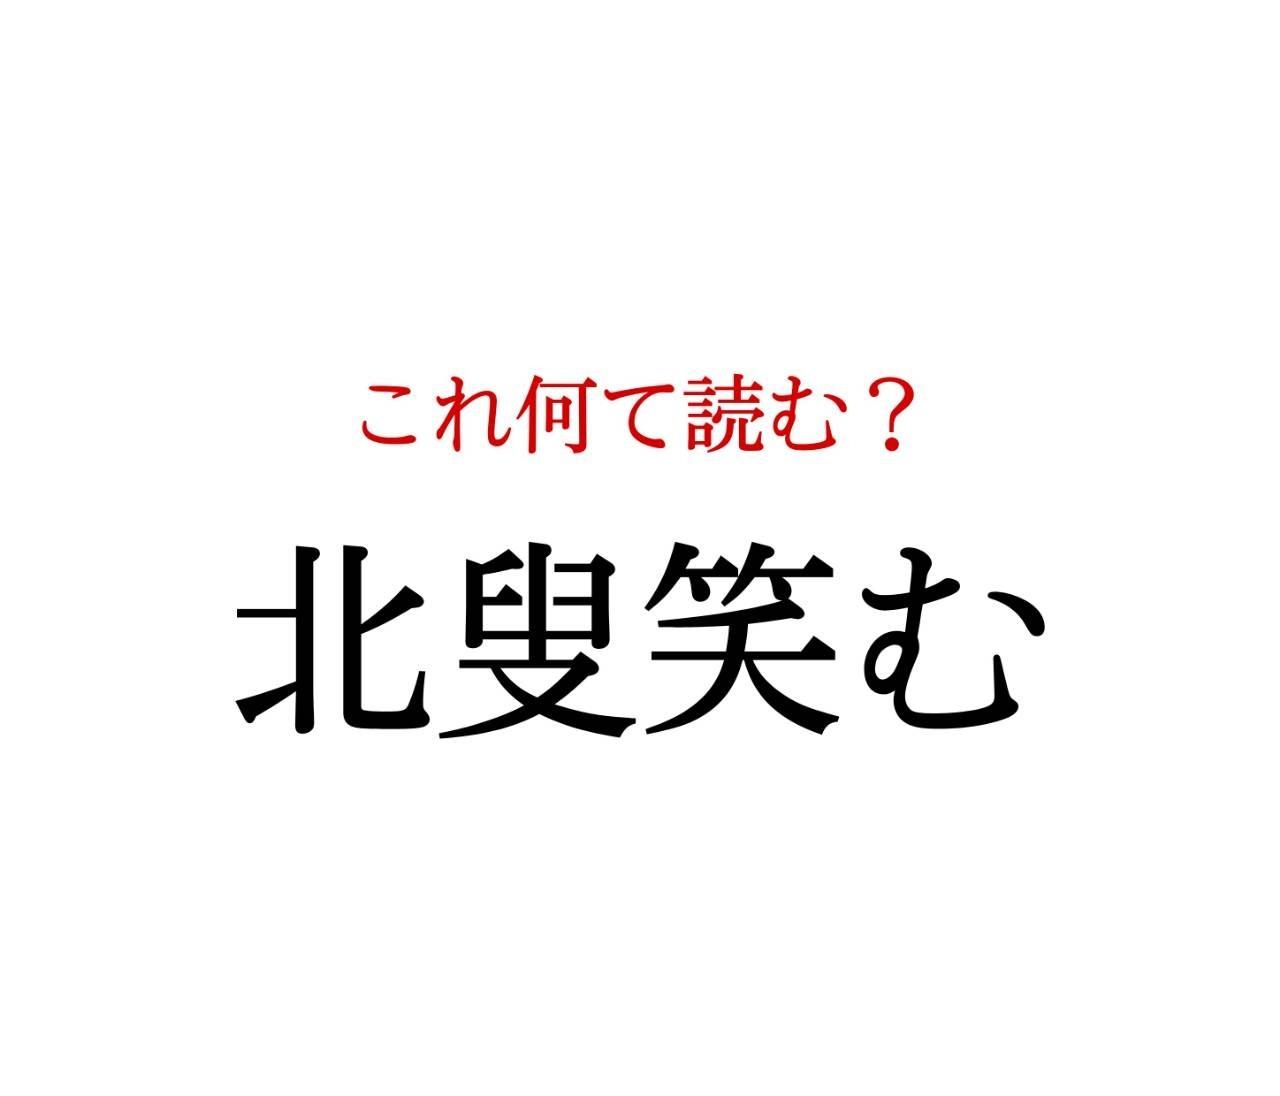 「北叟笑む」:この漢字、自信を持って読めますか?【働く大人の漢字クイズvol.35】